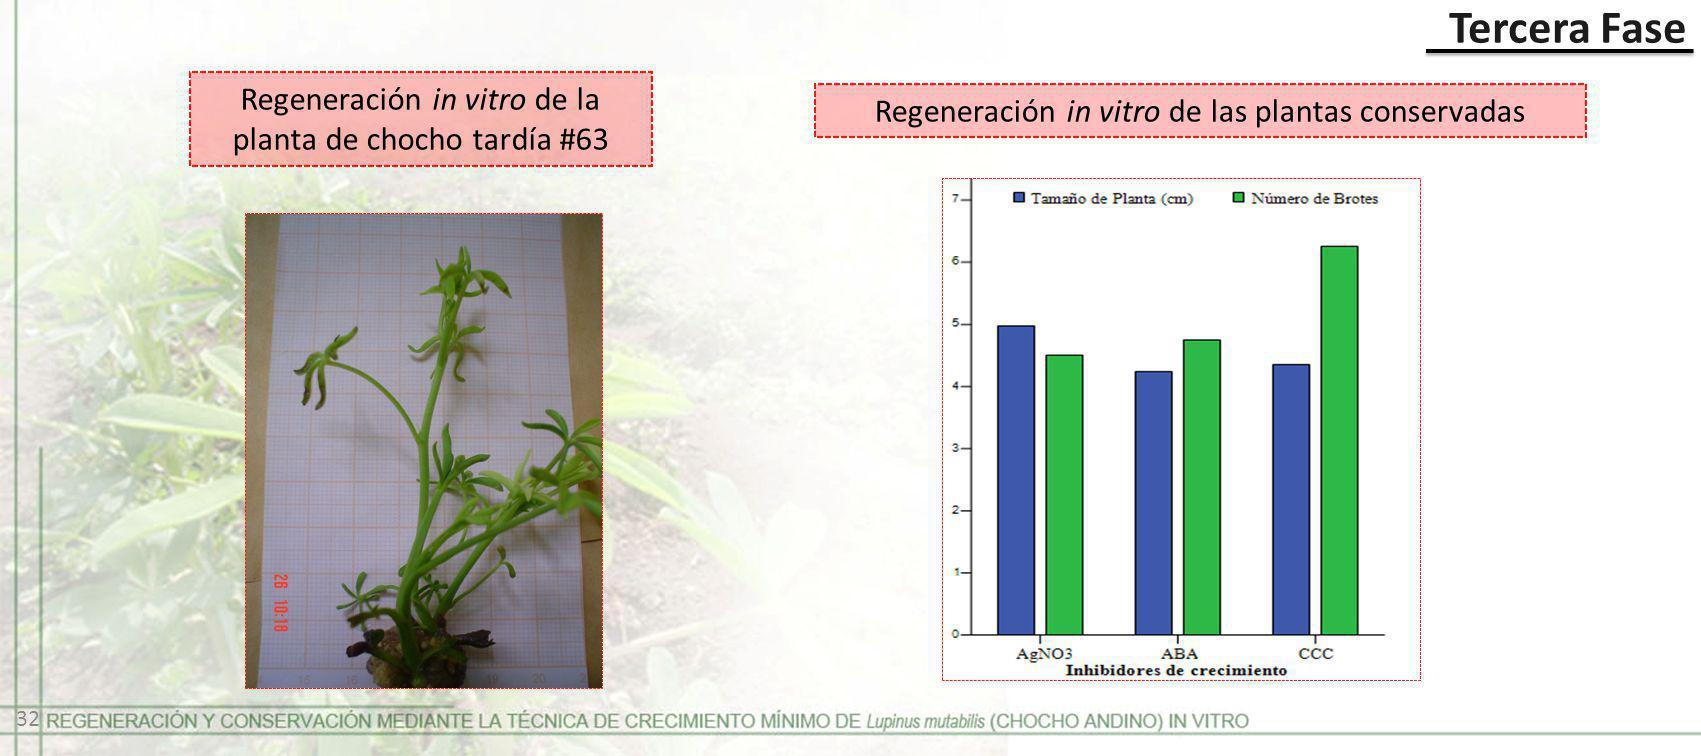 Regeneración in vitro de la planta de chocho tardía #63